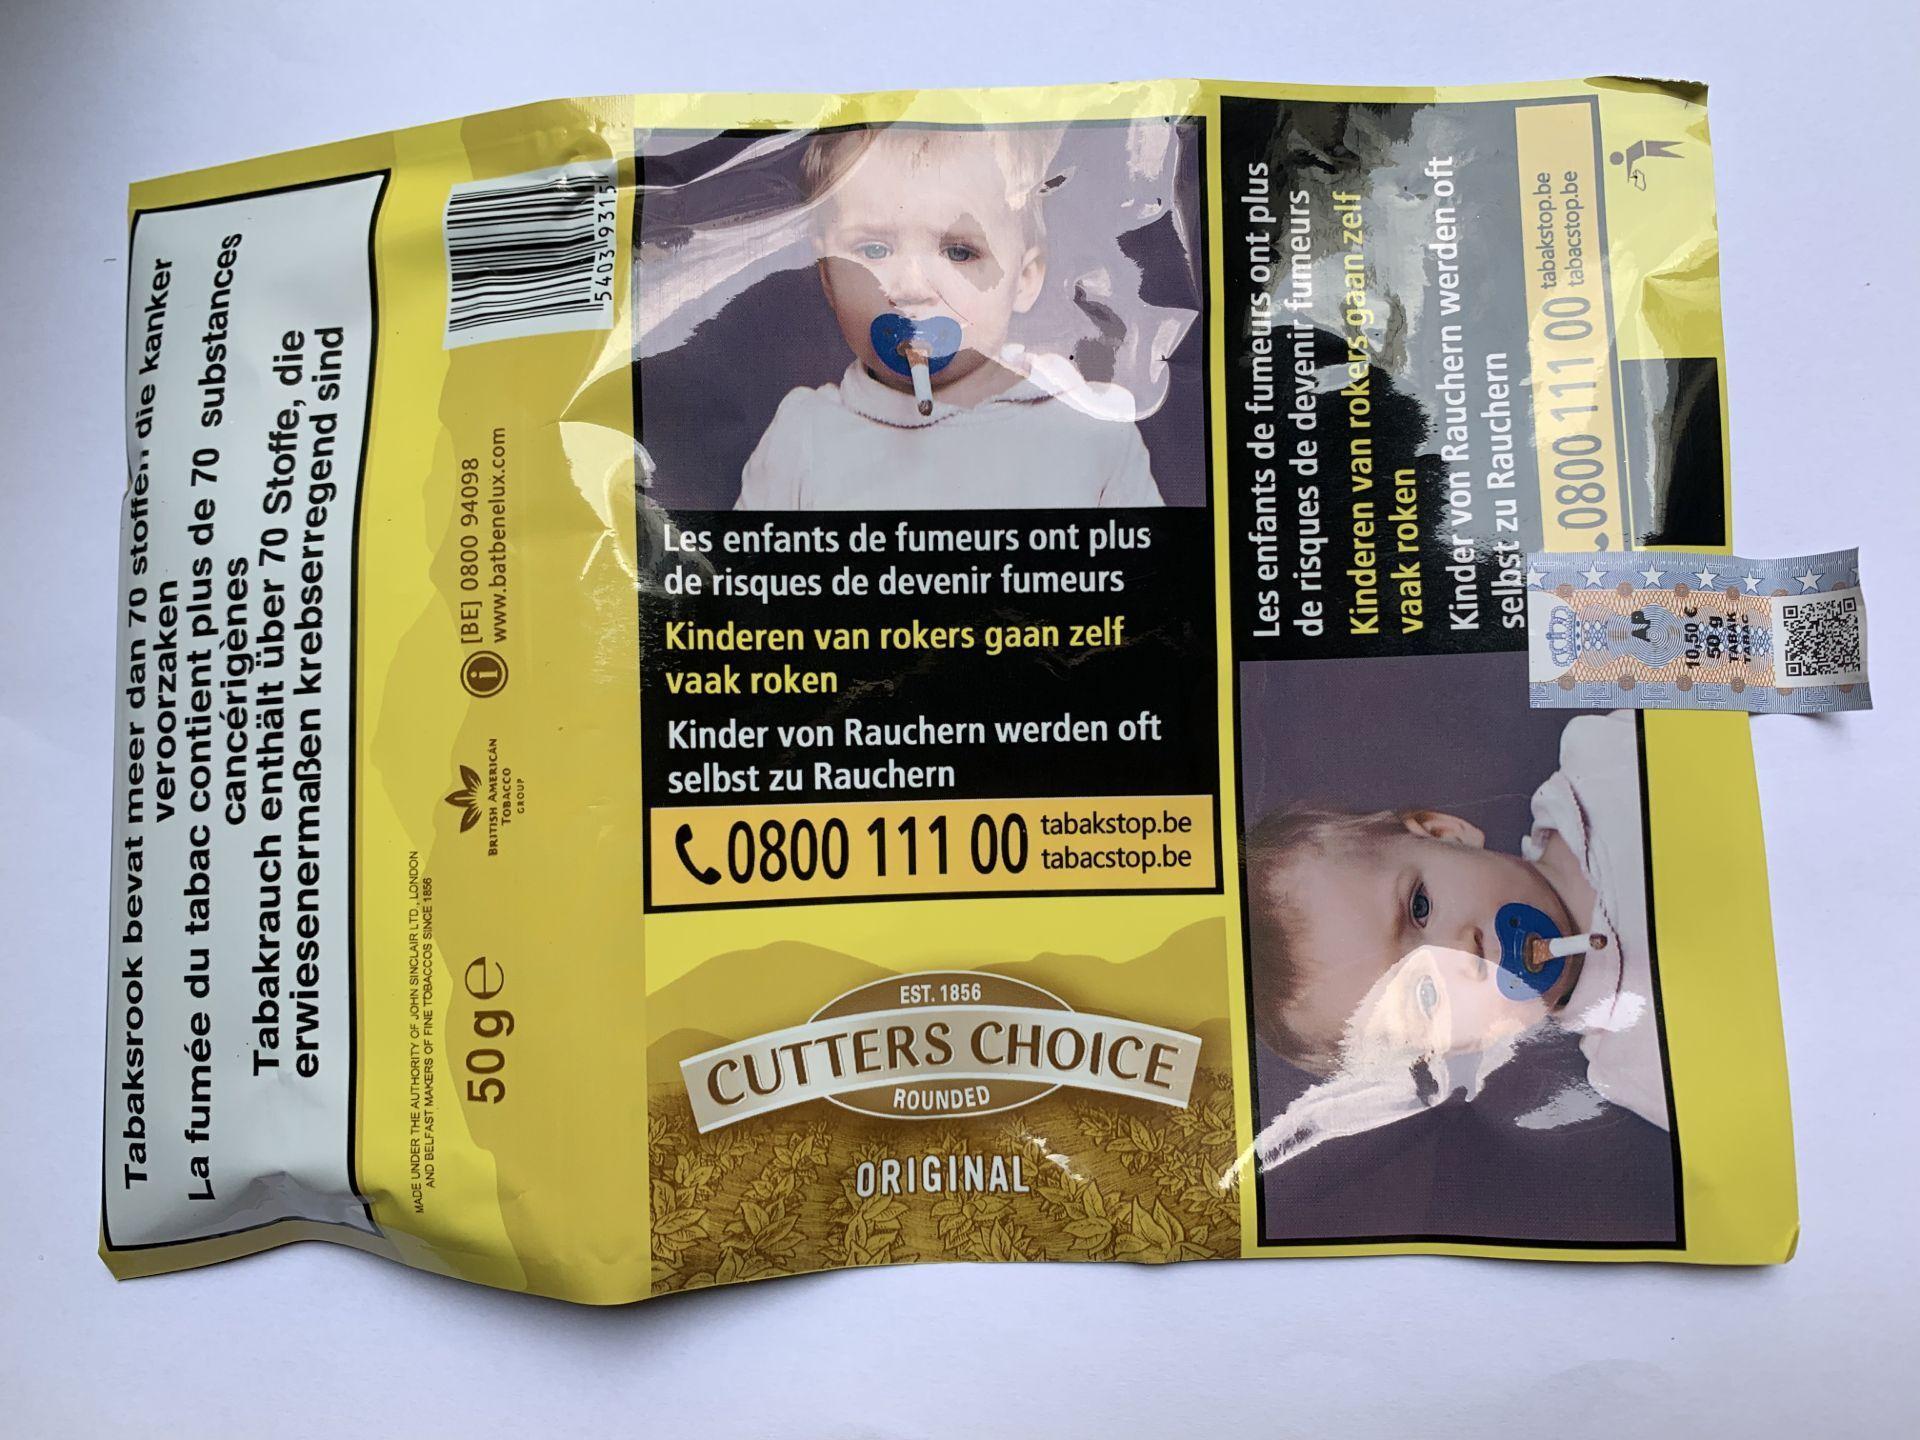 Nuova collezione Giallo Imballaggio Contenitore di sigaretta Il fumo di tabacco frese scelta 10packs pacchetti di sigarette di tabacco / lotto pugili plastica tabacco